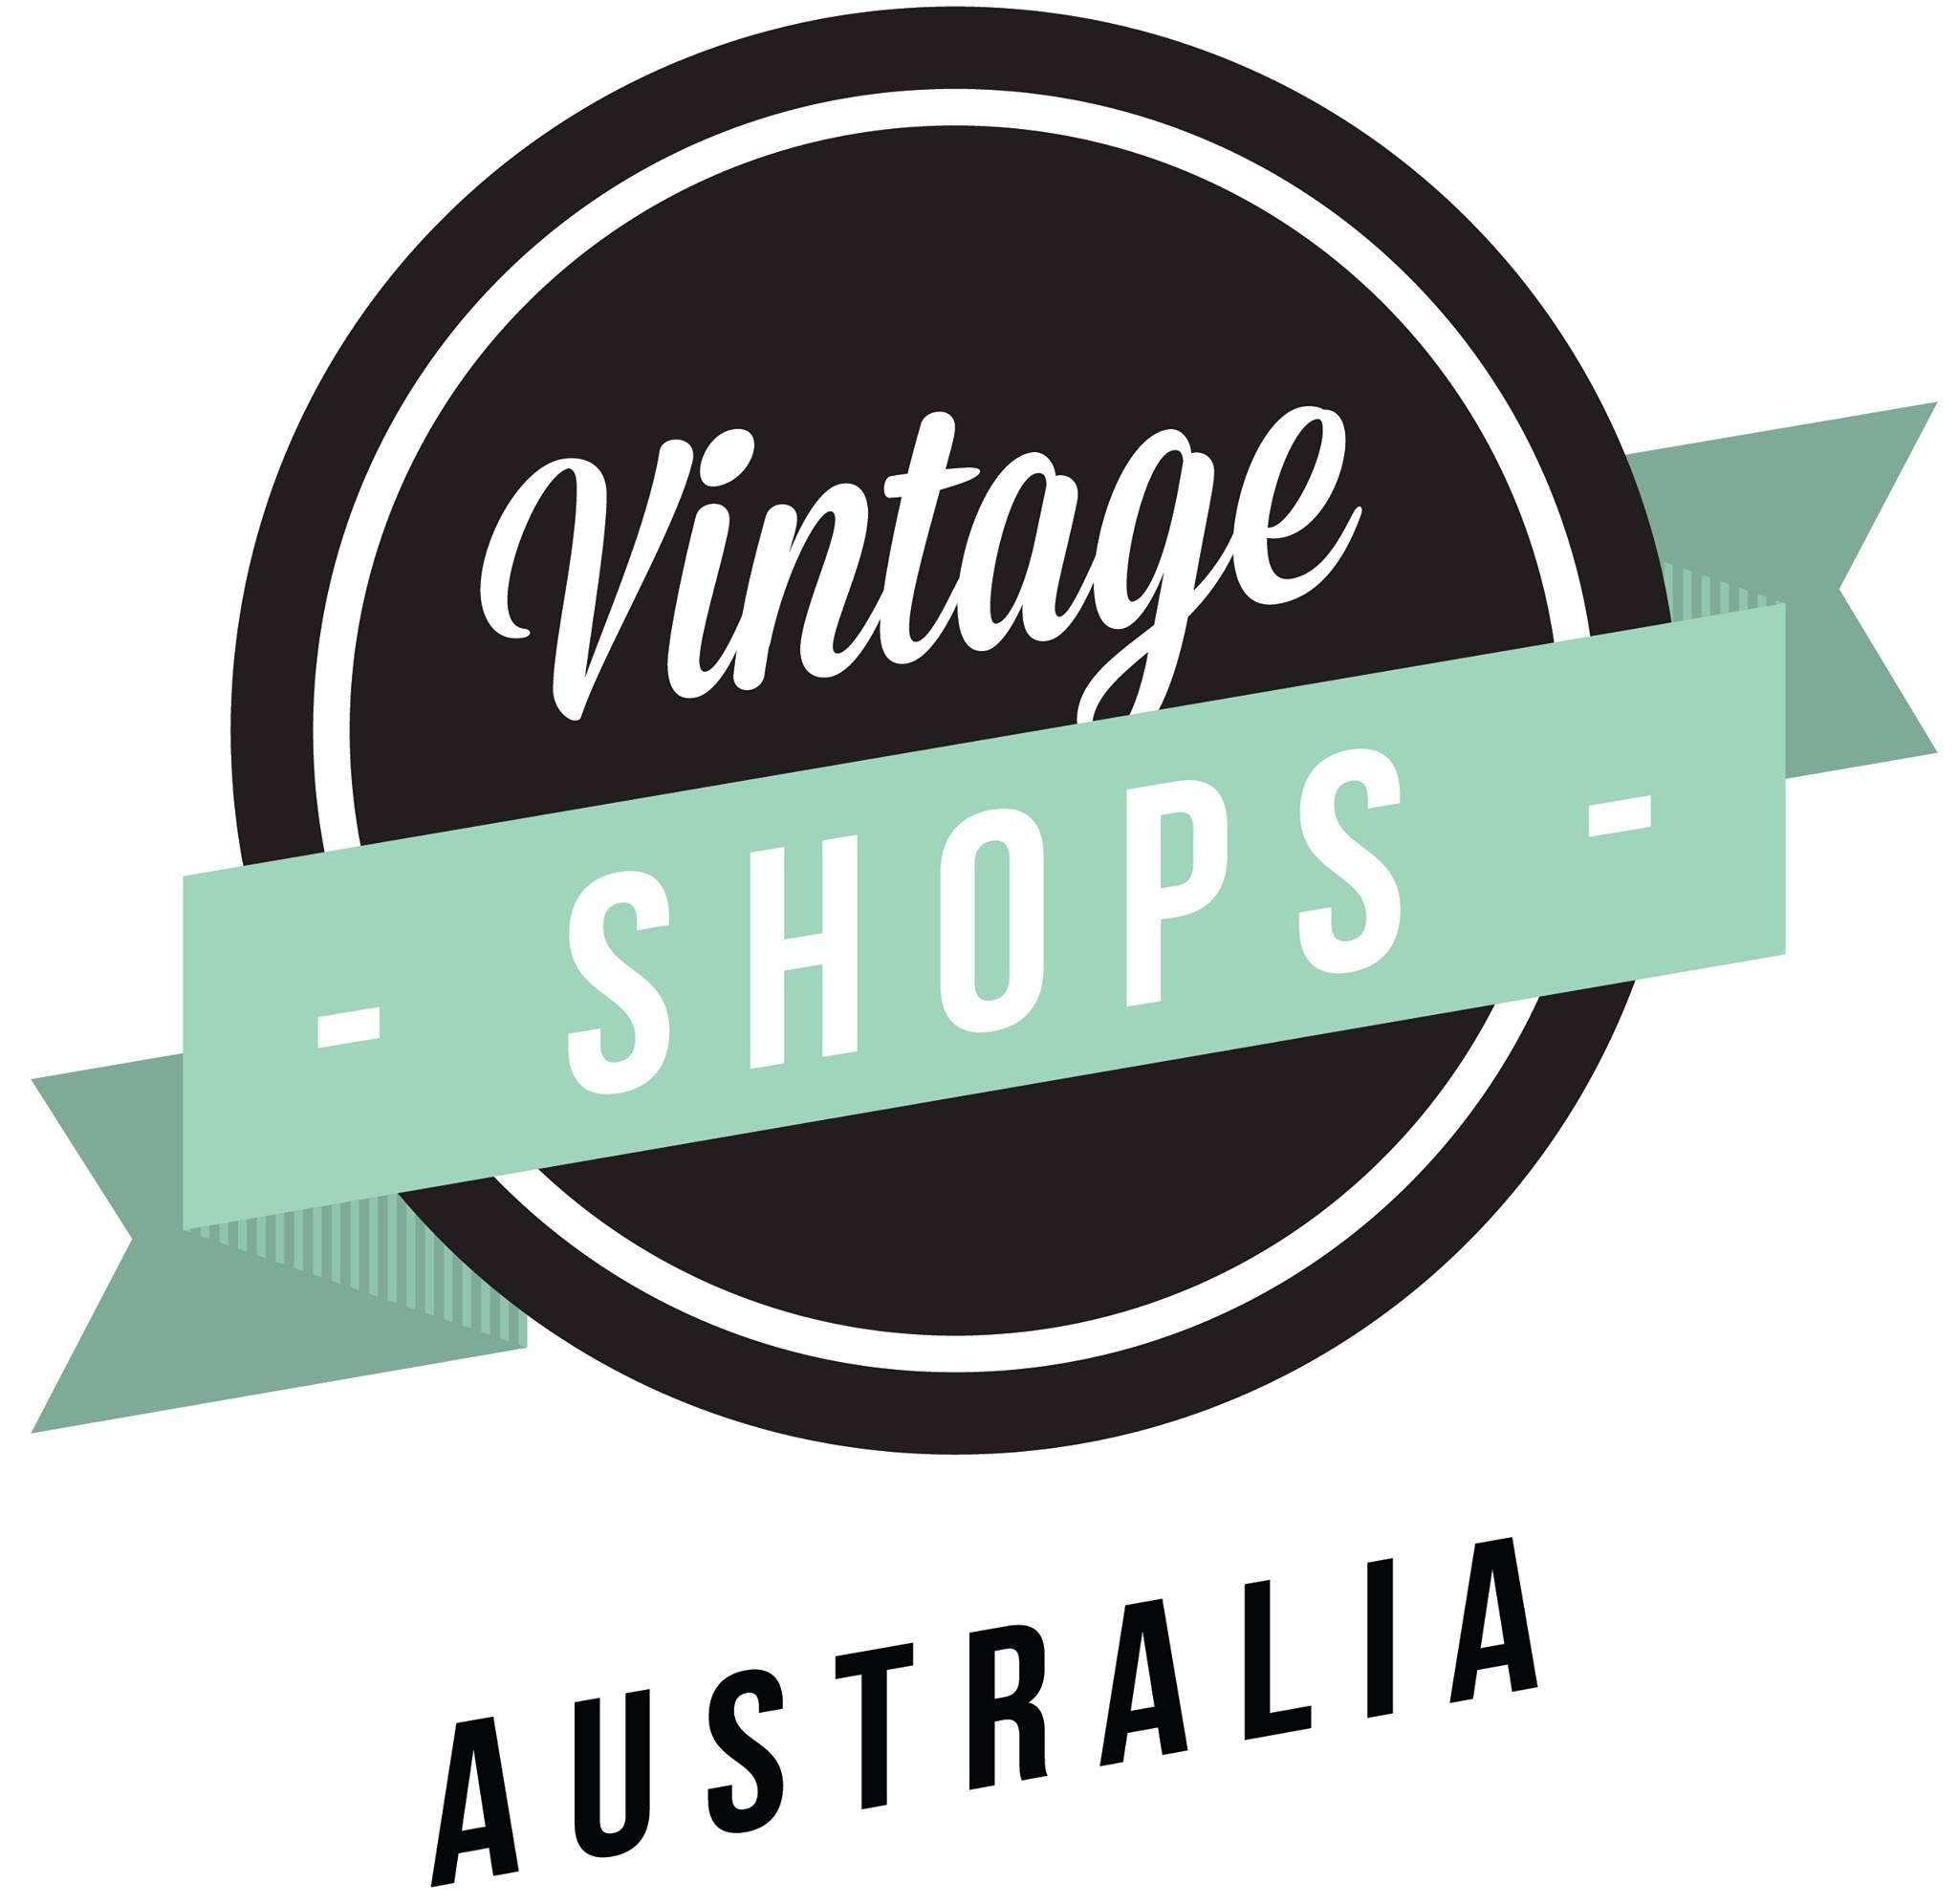 Gemma Vendetta - Vintage Shops Australia